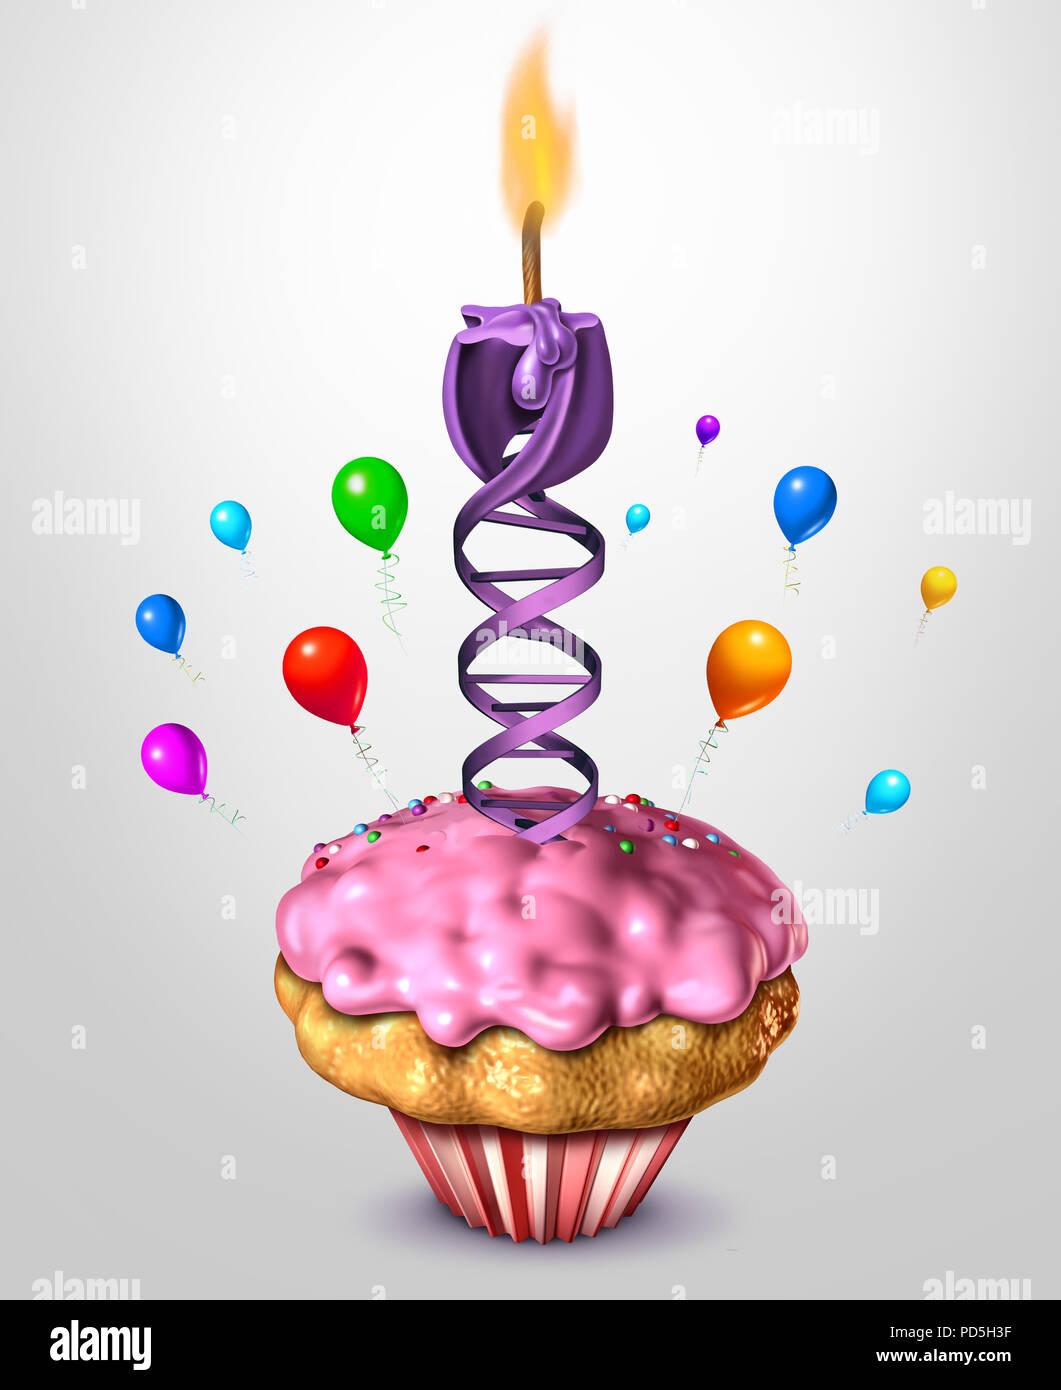 Invecchiamento del DNA scienza e salute concetto di inversione di età o la vita umana longevità concetto di biologia come una rappresentazione in 3D. Immagini Stock